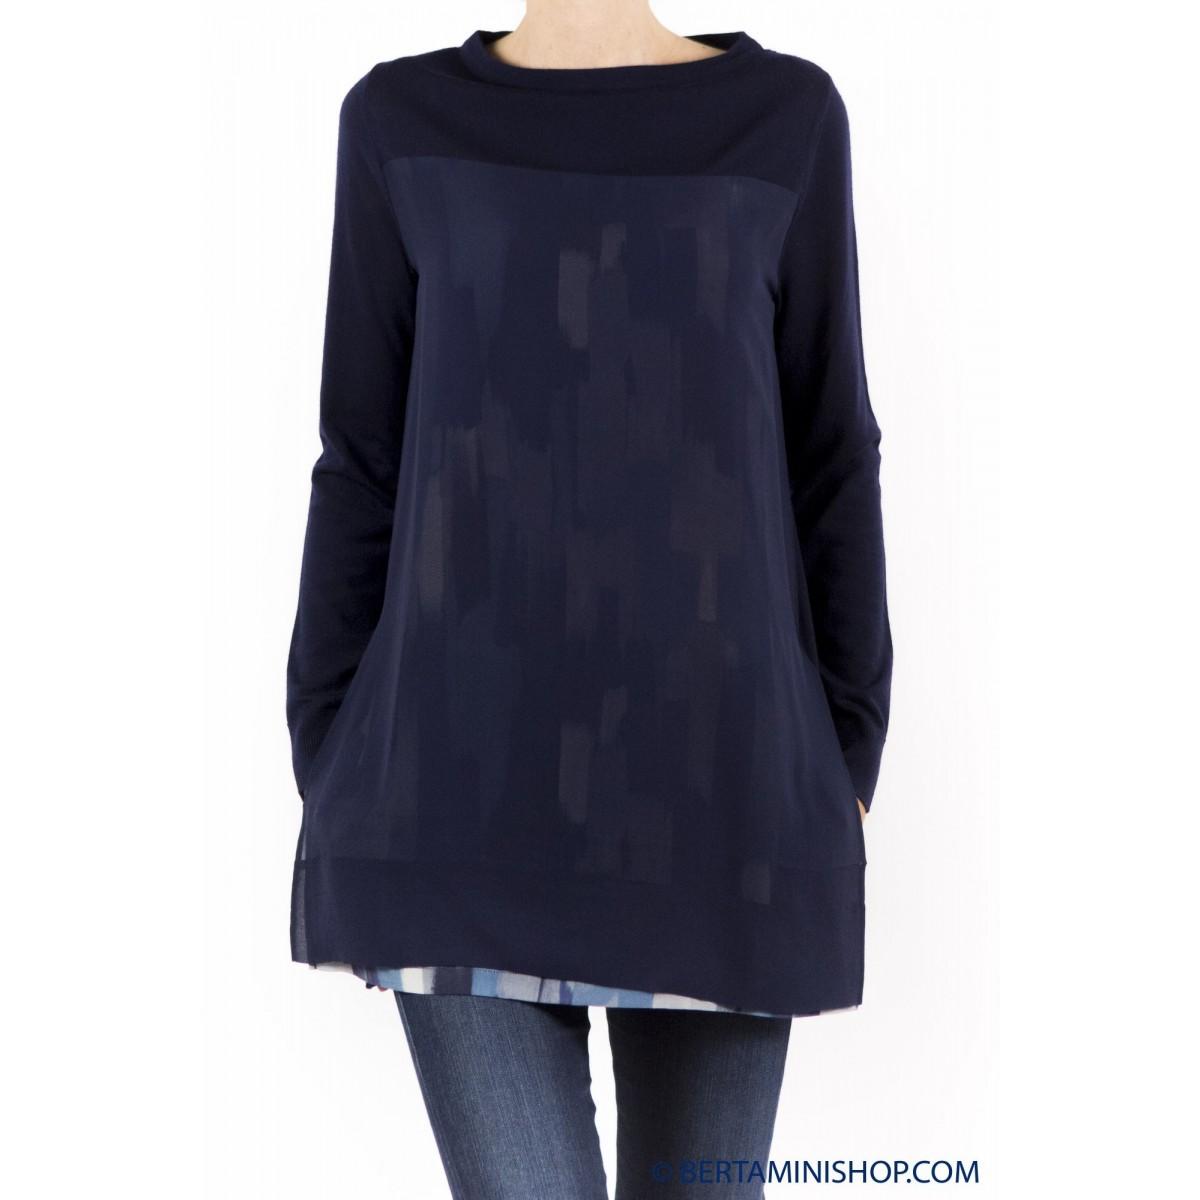 Sweatshirt Kangra Damen - 9580/84